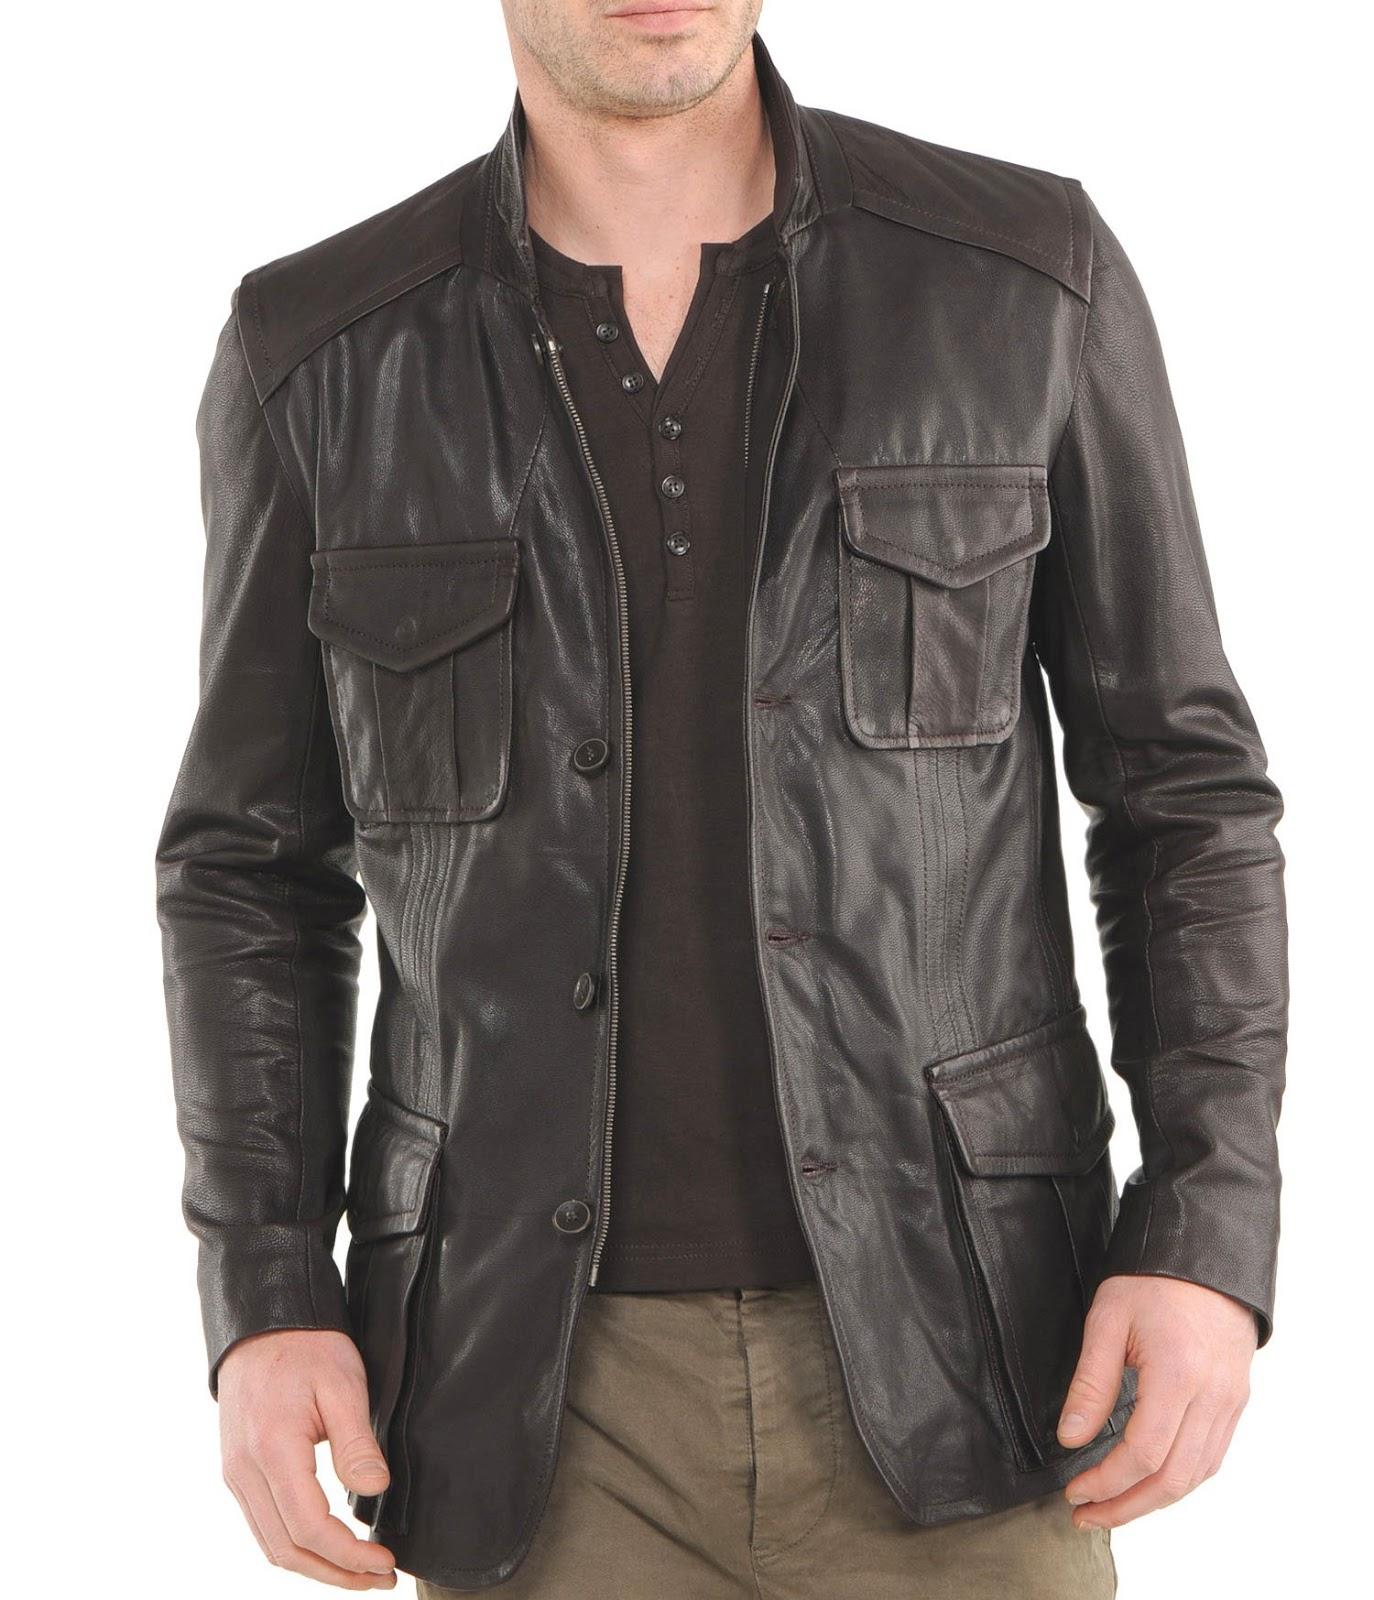 Jaket Kulit Di Kuningan Jaket Kulit Jas Pria Rp 875000